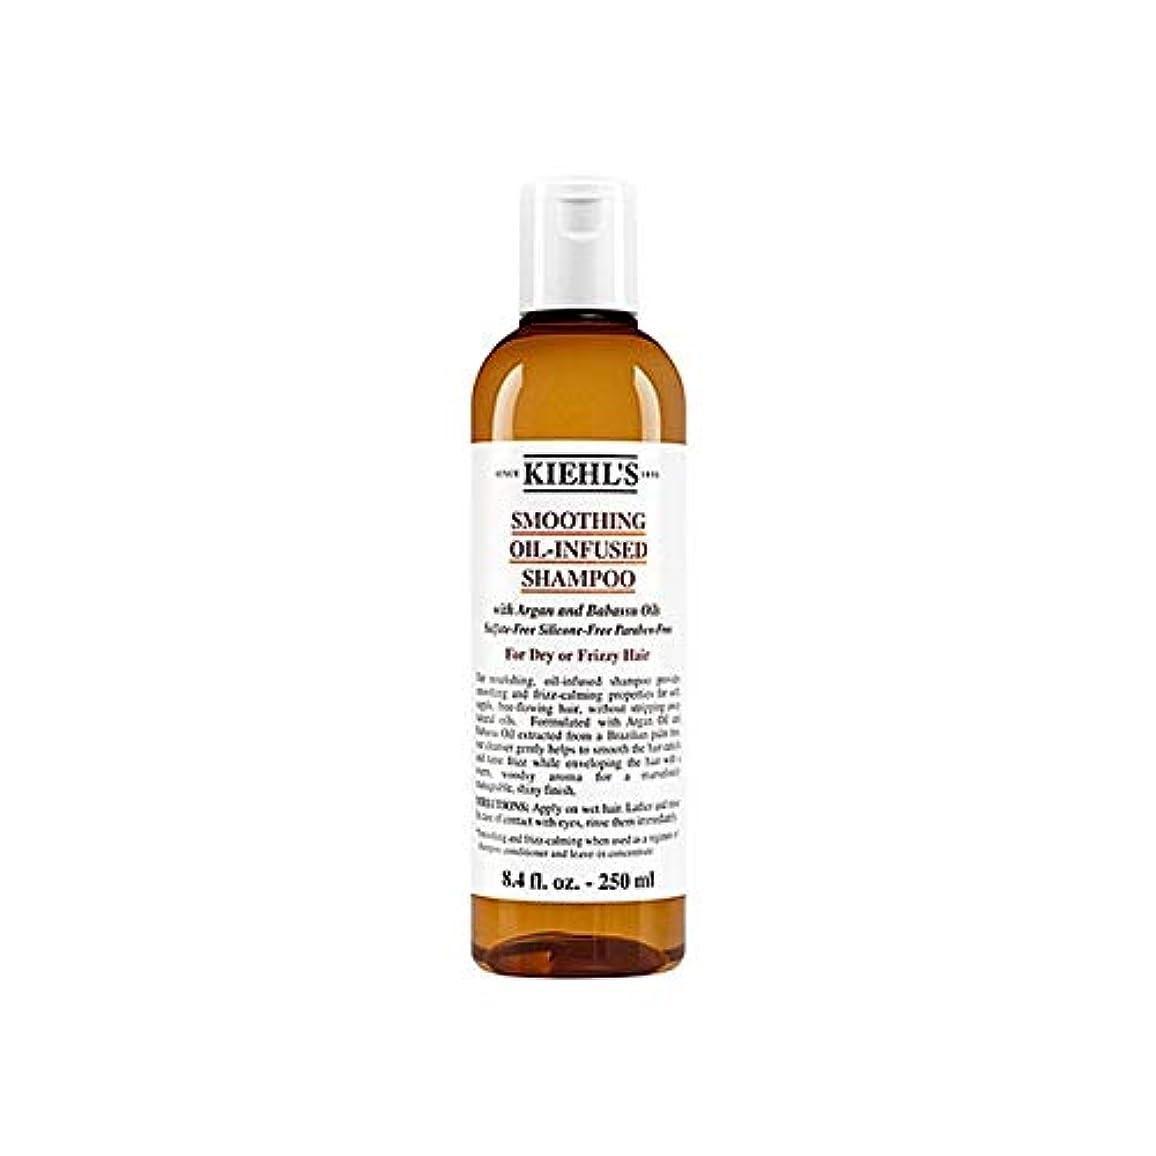 むしゃむしゃ規定墓地[Kiehl's ] キールズスムージングオイル注入シャンプー250Ml - Kiehl's Smoothing Oil-Infused Shampoo 250ml [並行輸入品]